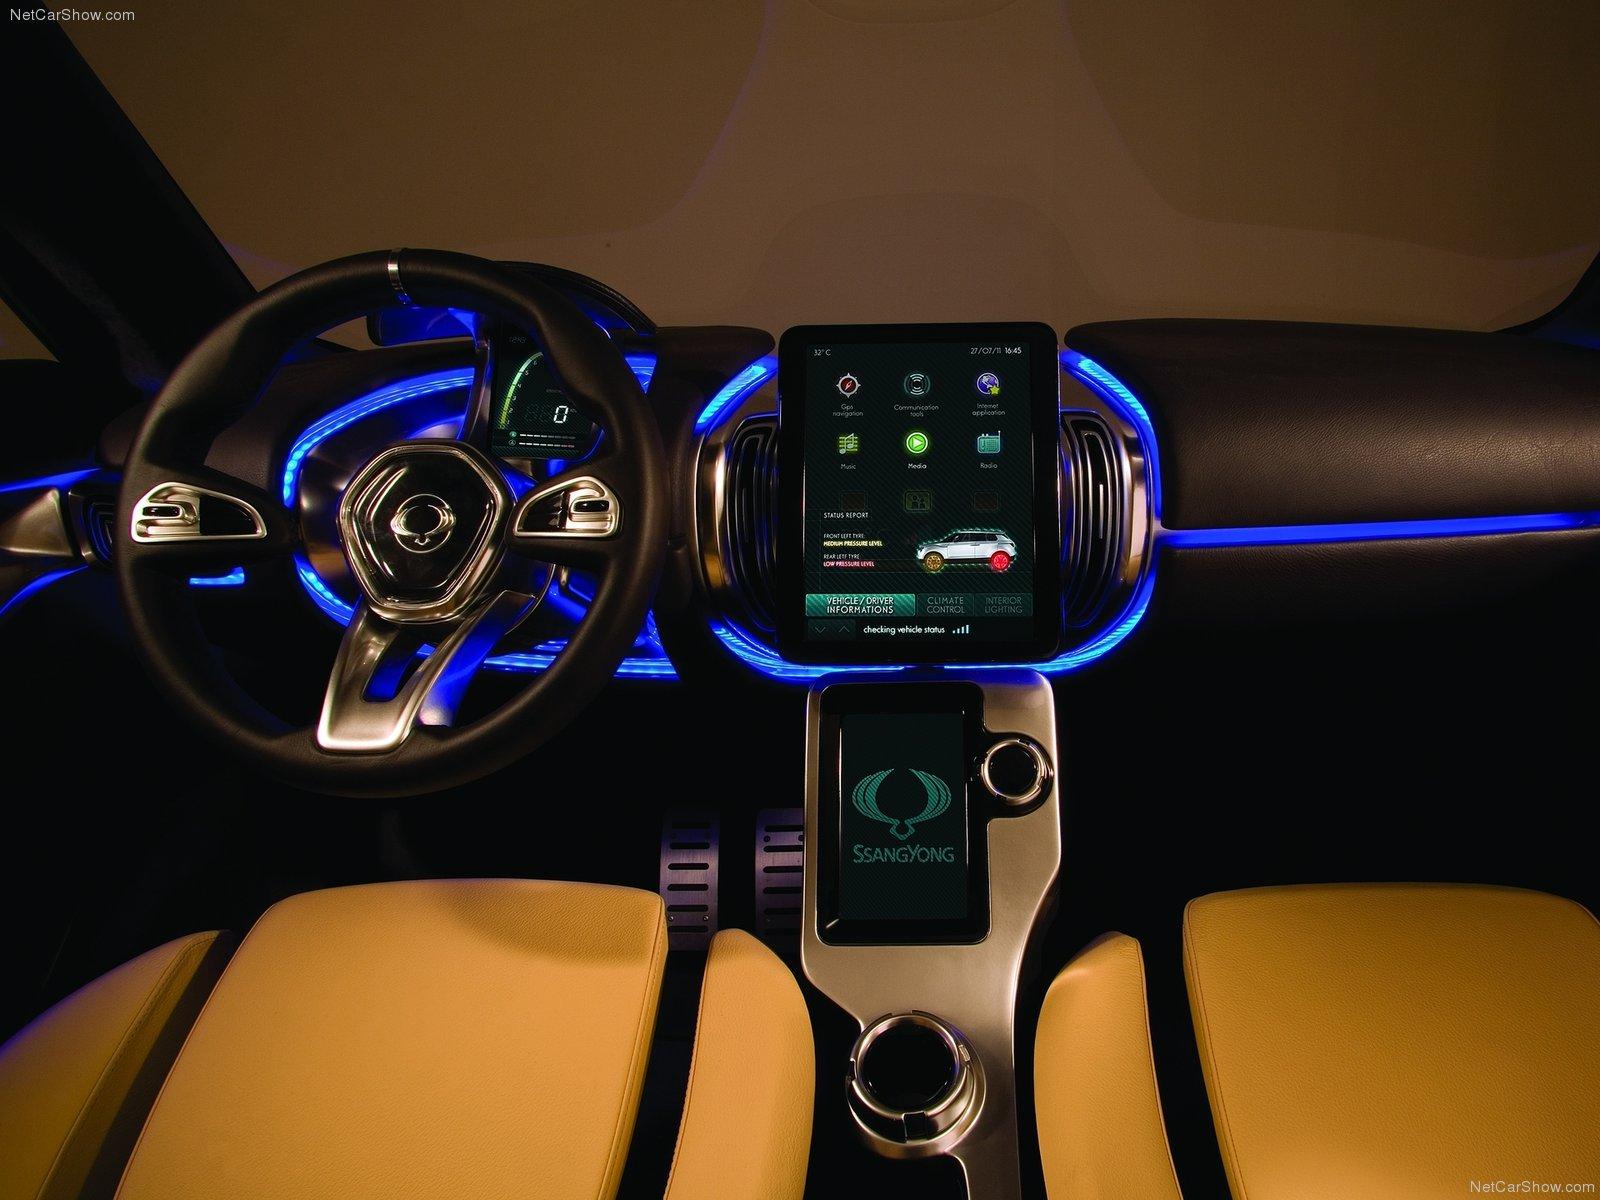 Hình ảnh xe ô tô SsangYong XIV-1 Concept 2011 & nội ngoại thất